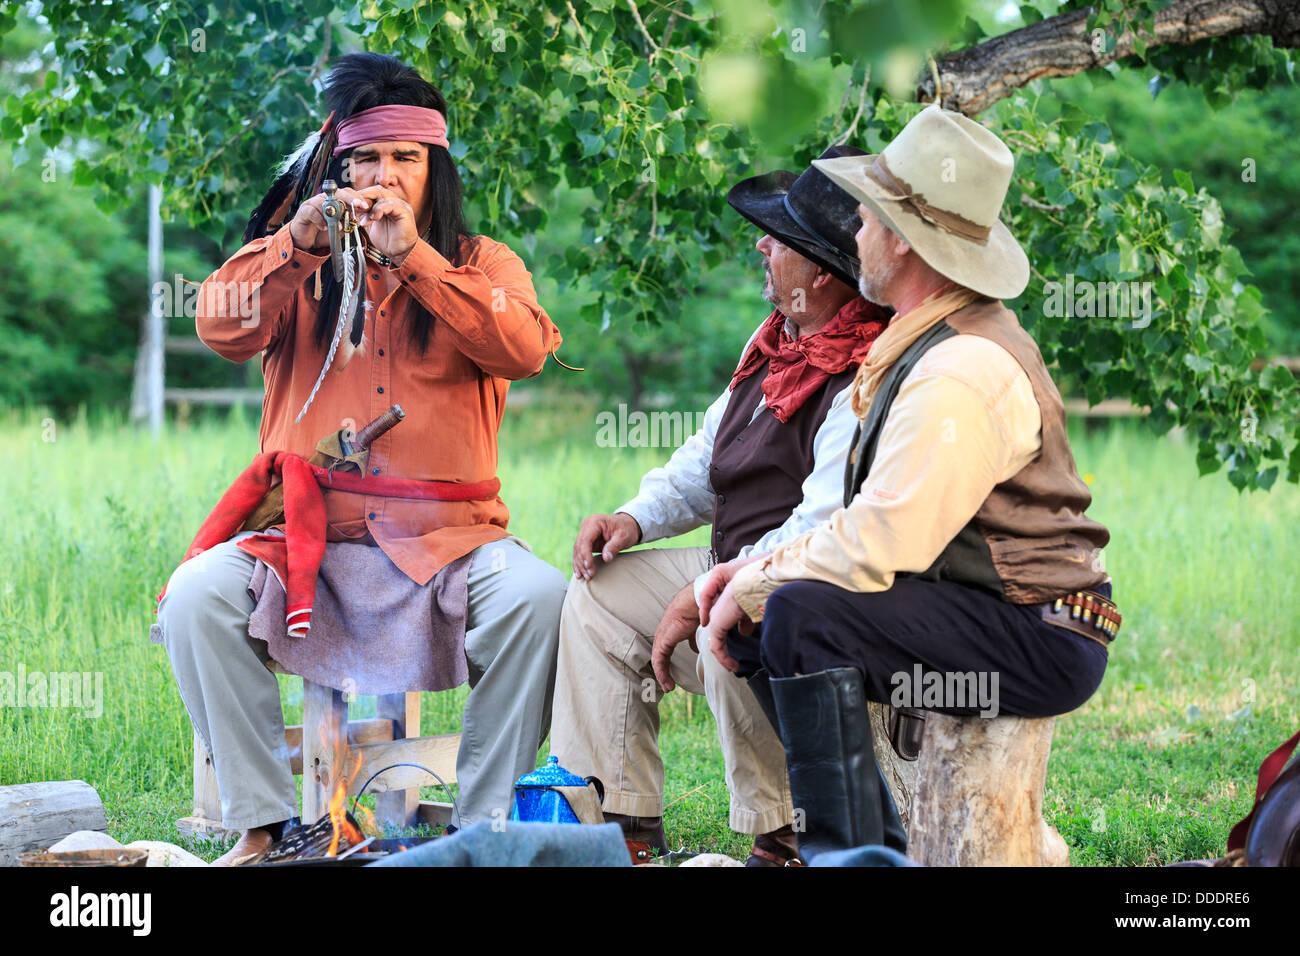 Cowboys und Indianer Tabak in einer Pfeife teilen Stockbild